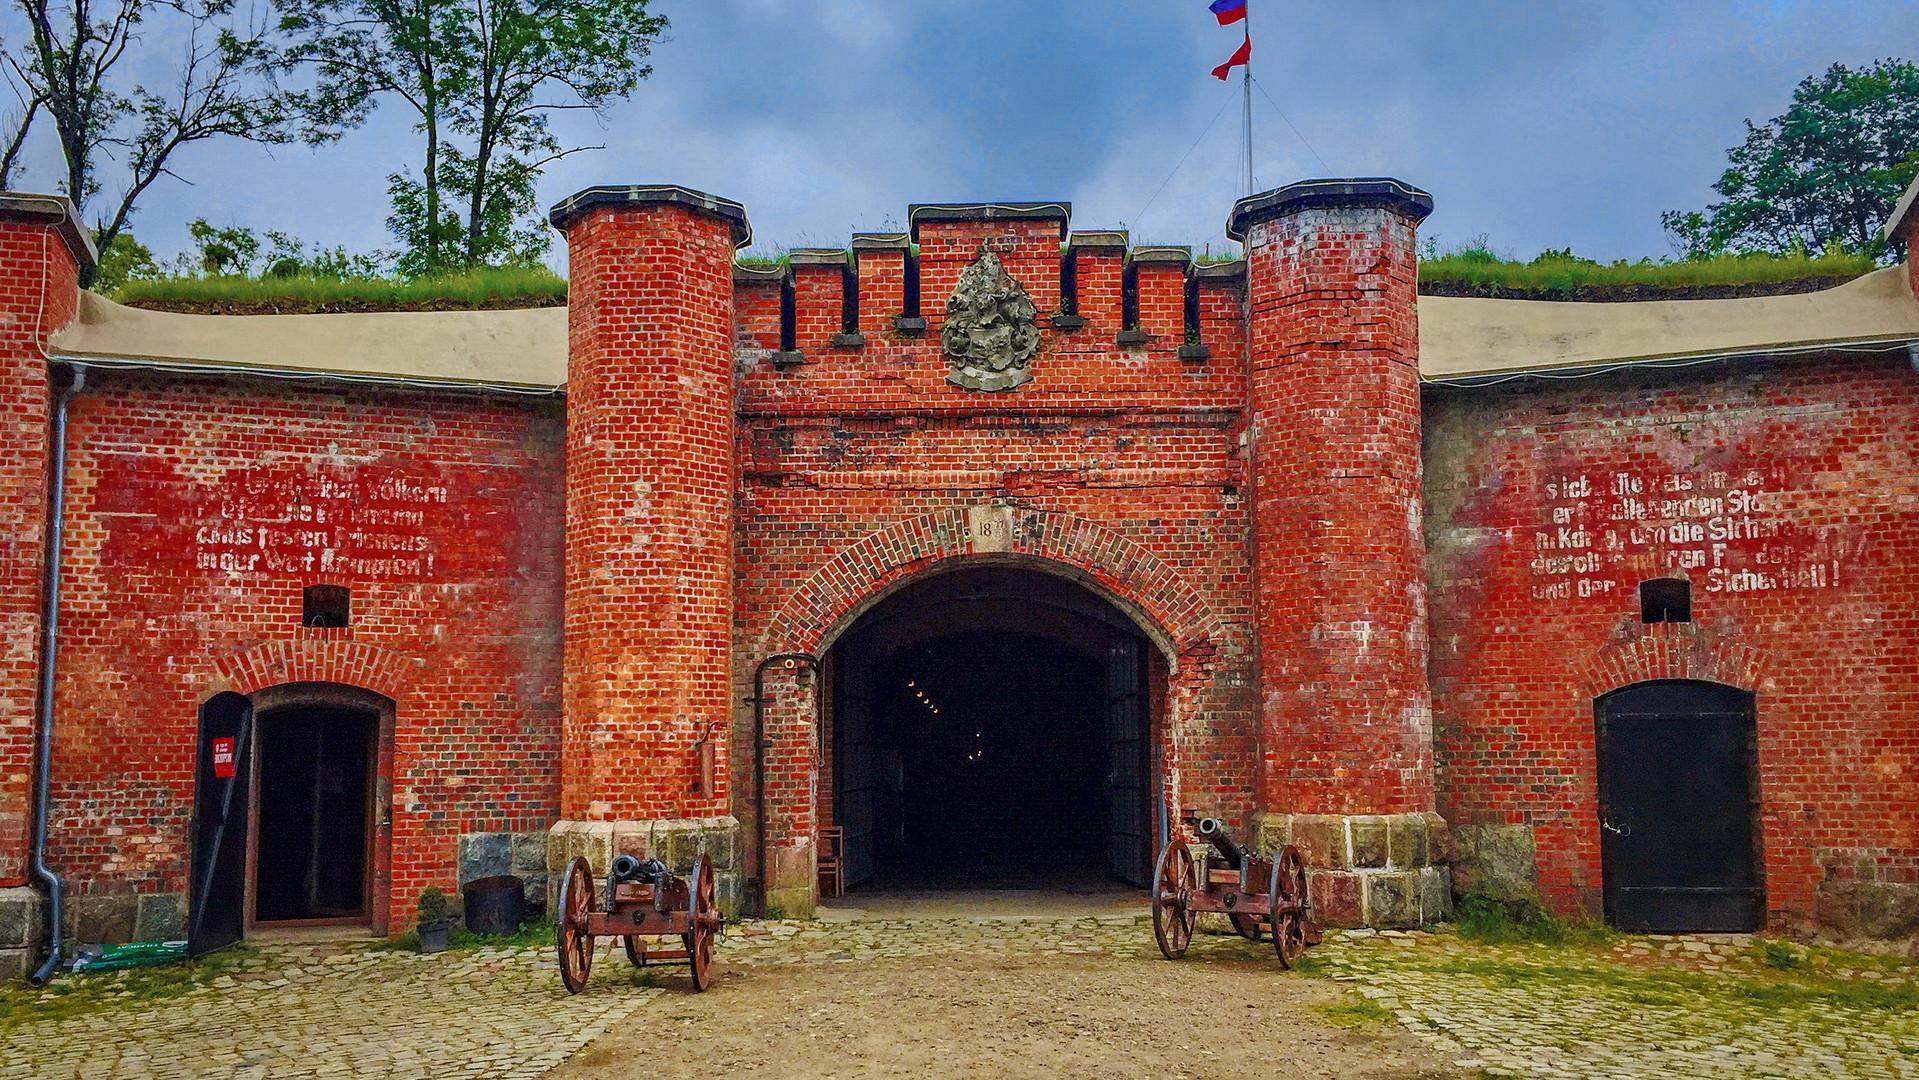 Форт № 11 Дёнхофф, Калининград